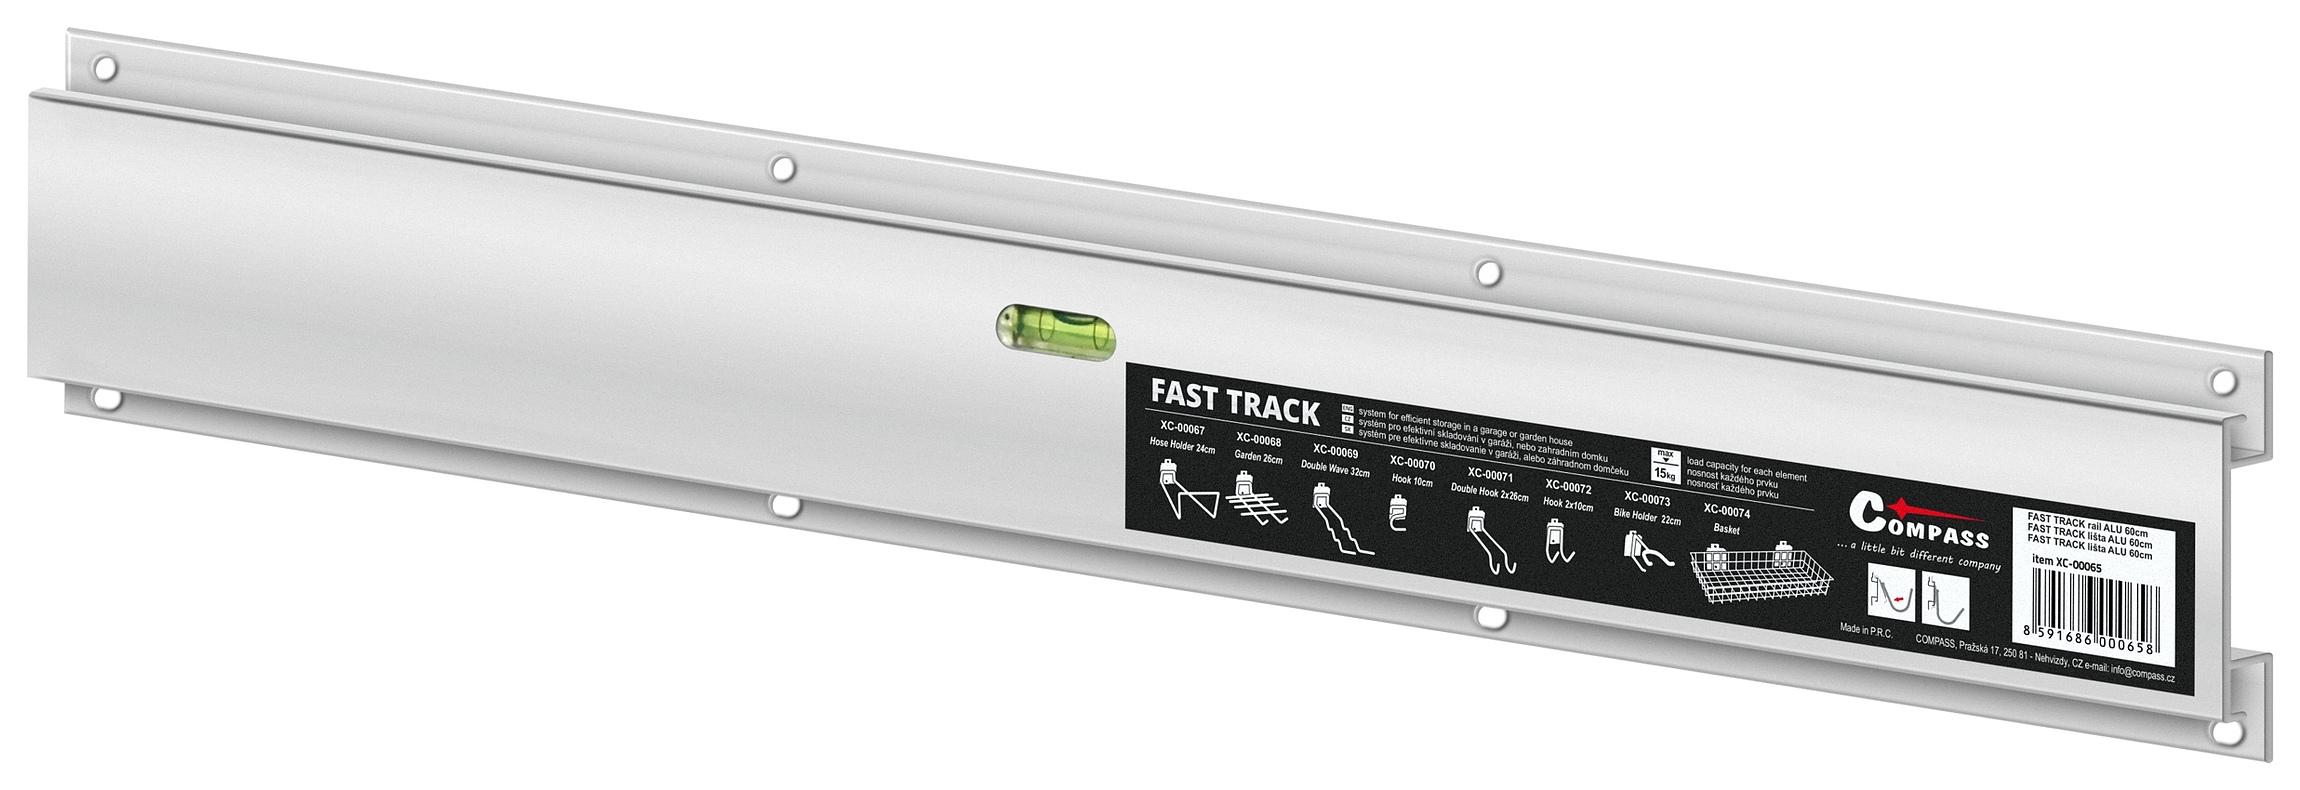 Compass Závěsný systém FAST TRACK lišta ALU 60cm s vodováhou